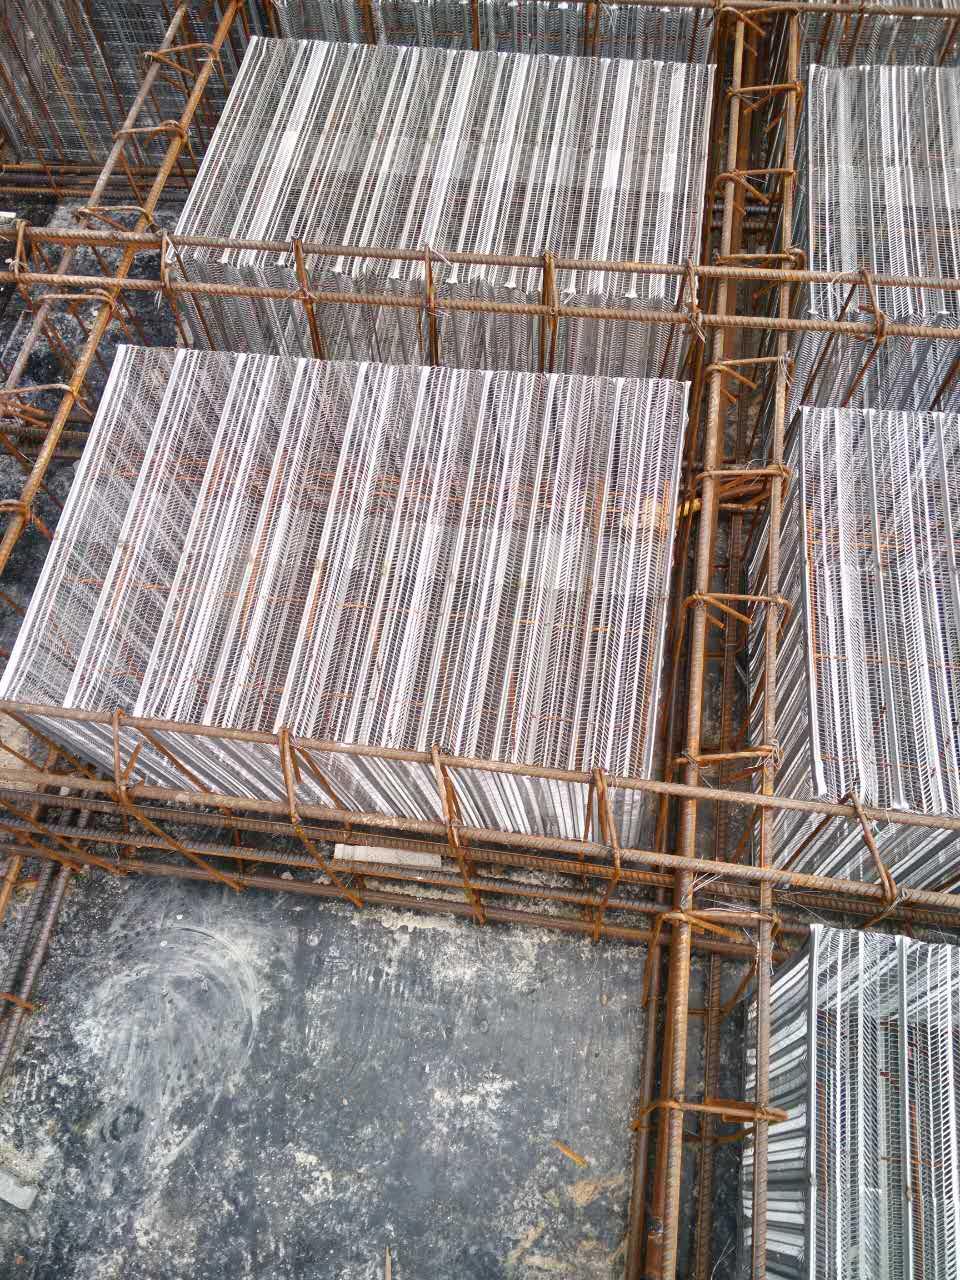 钢制网箱5.JPEG